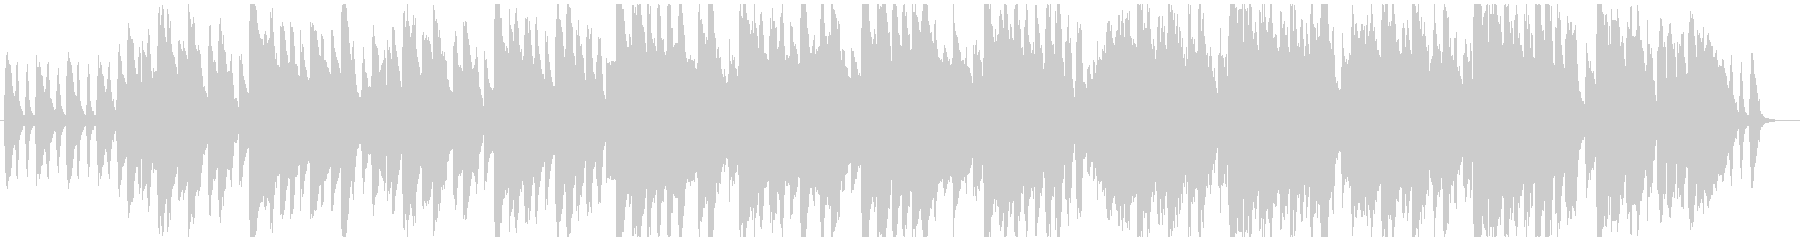 ゆったりとしたファンタジー系ワルツ曲の未再生の波形